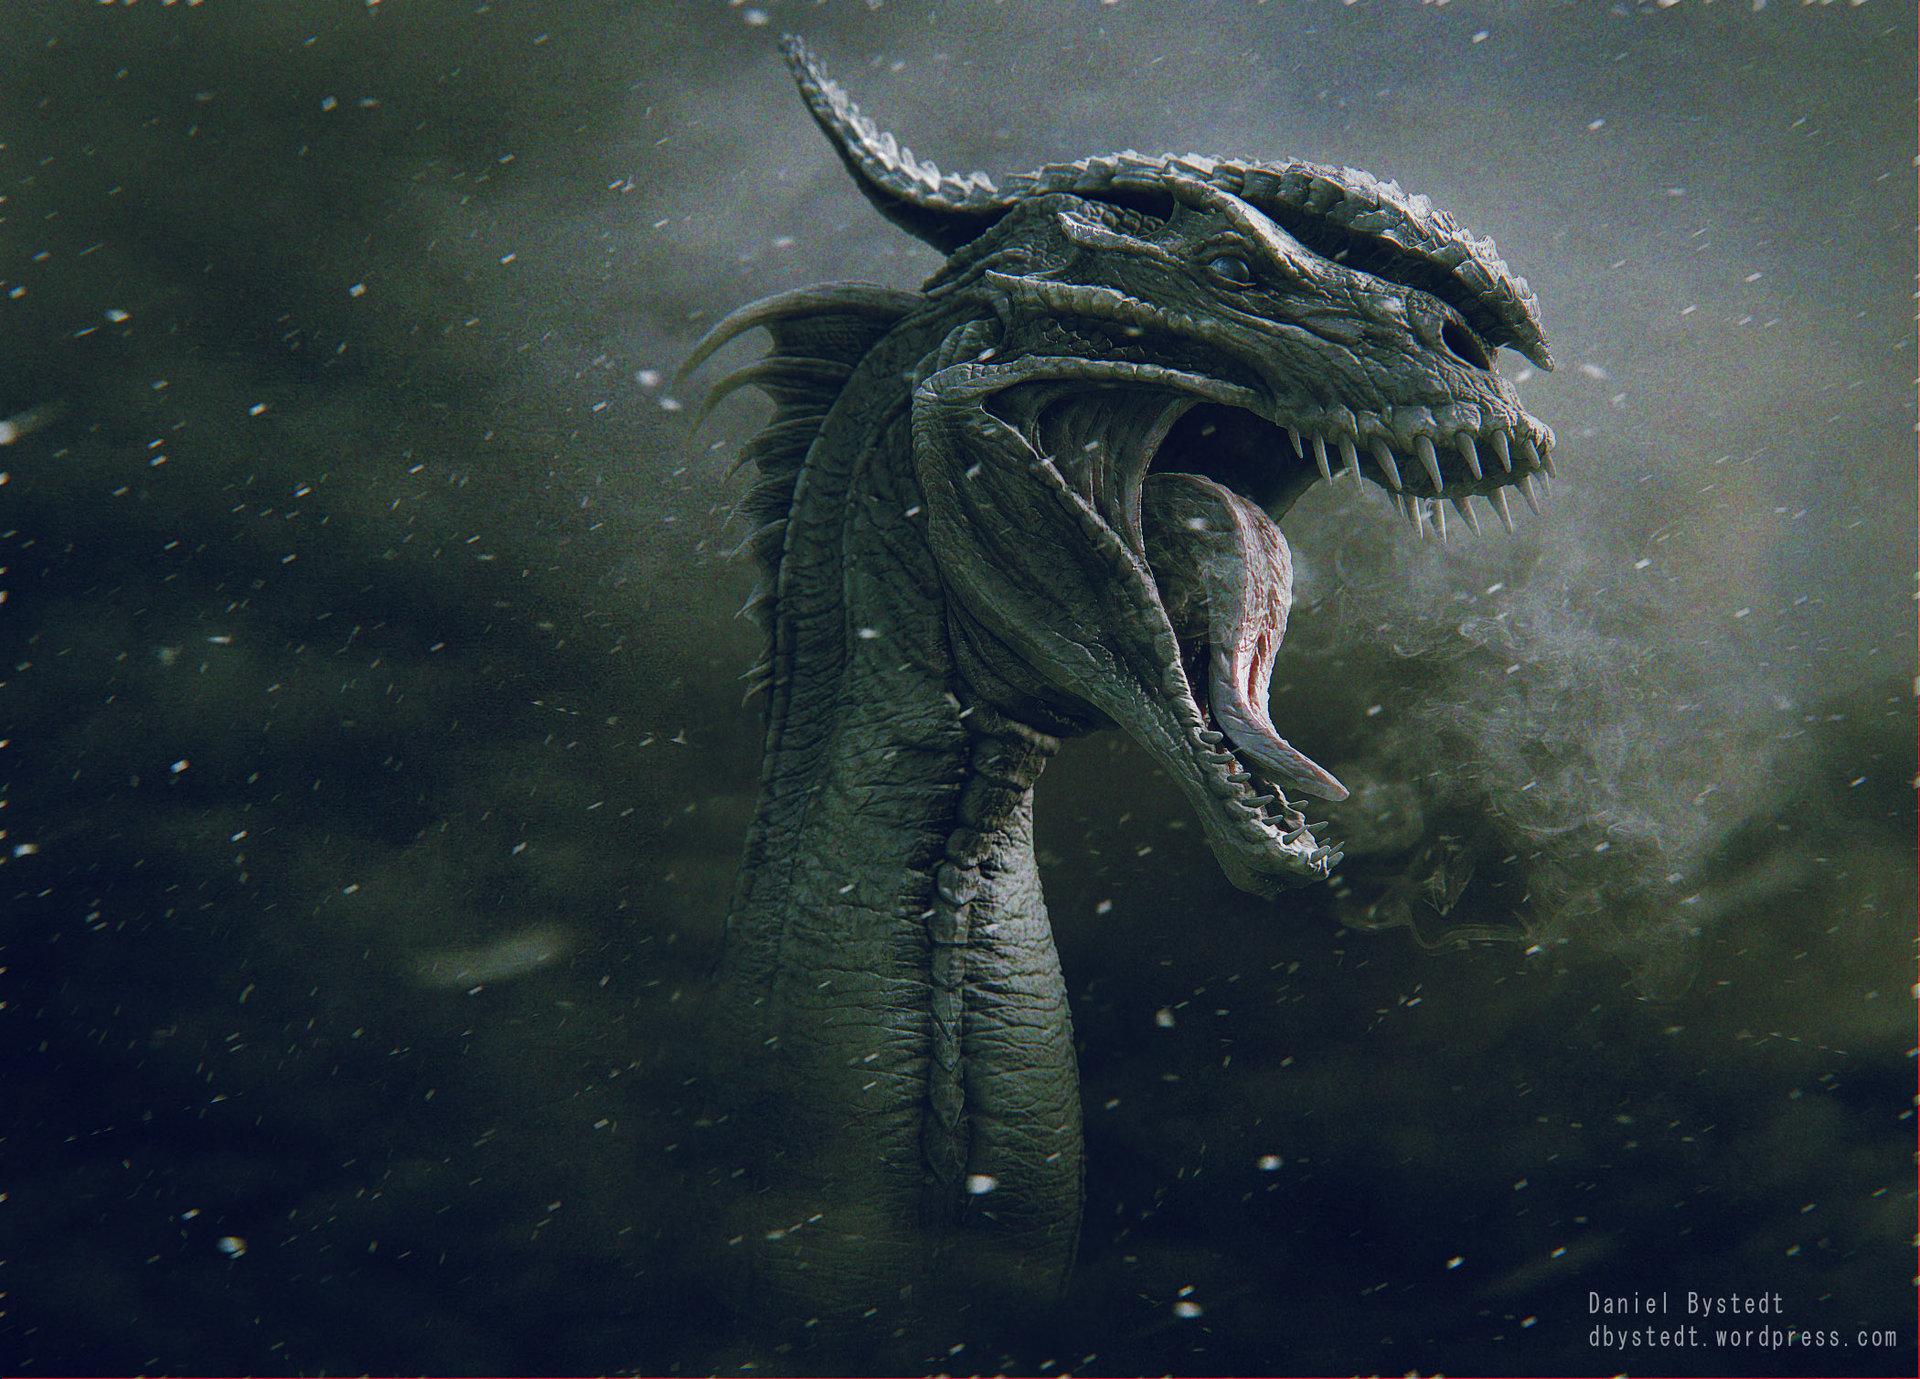 Daniel bystedt dragon render front